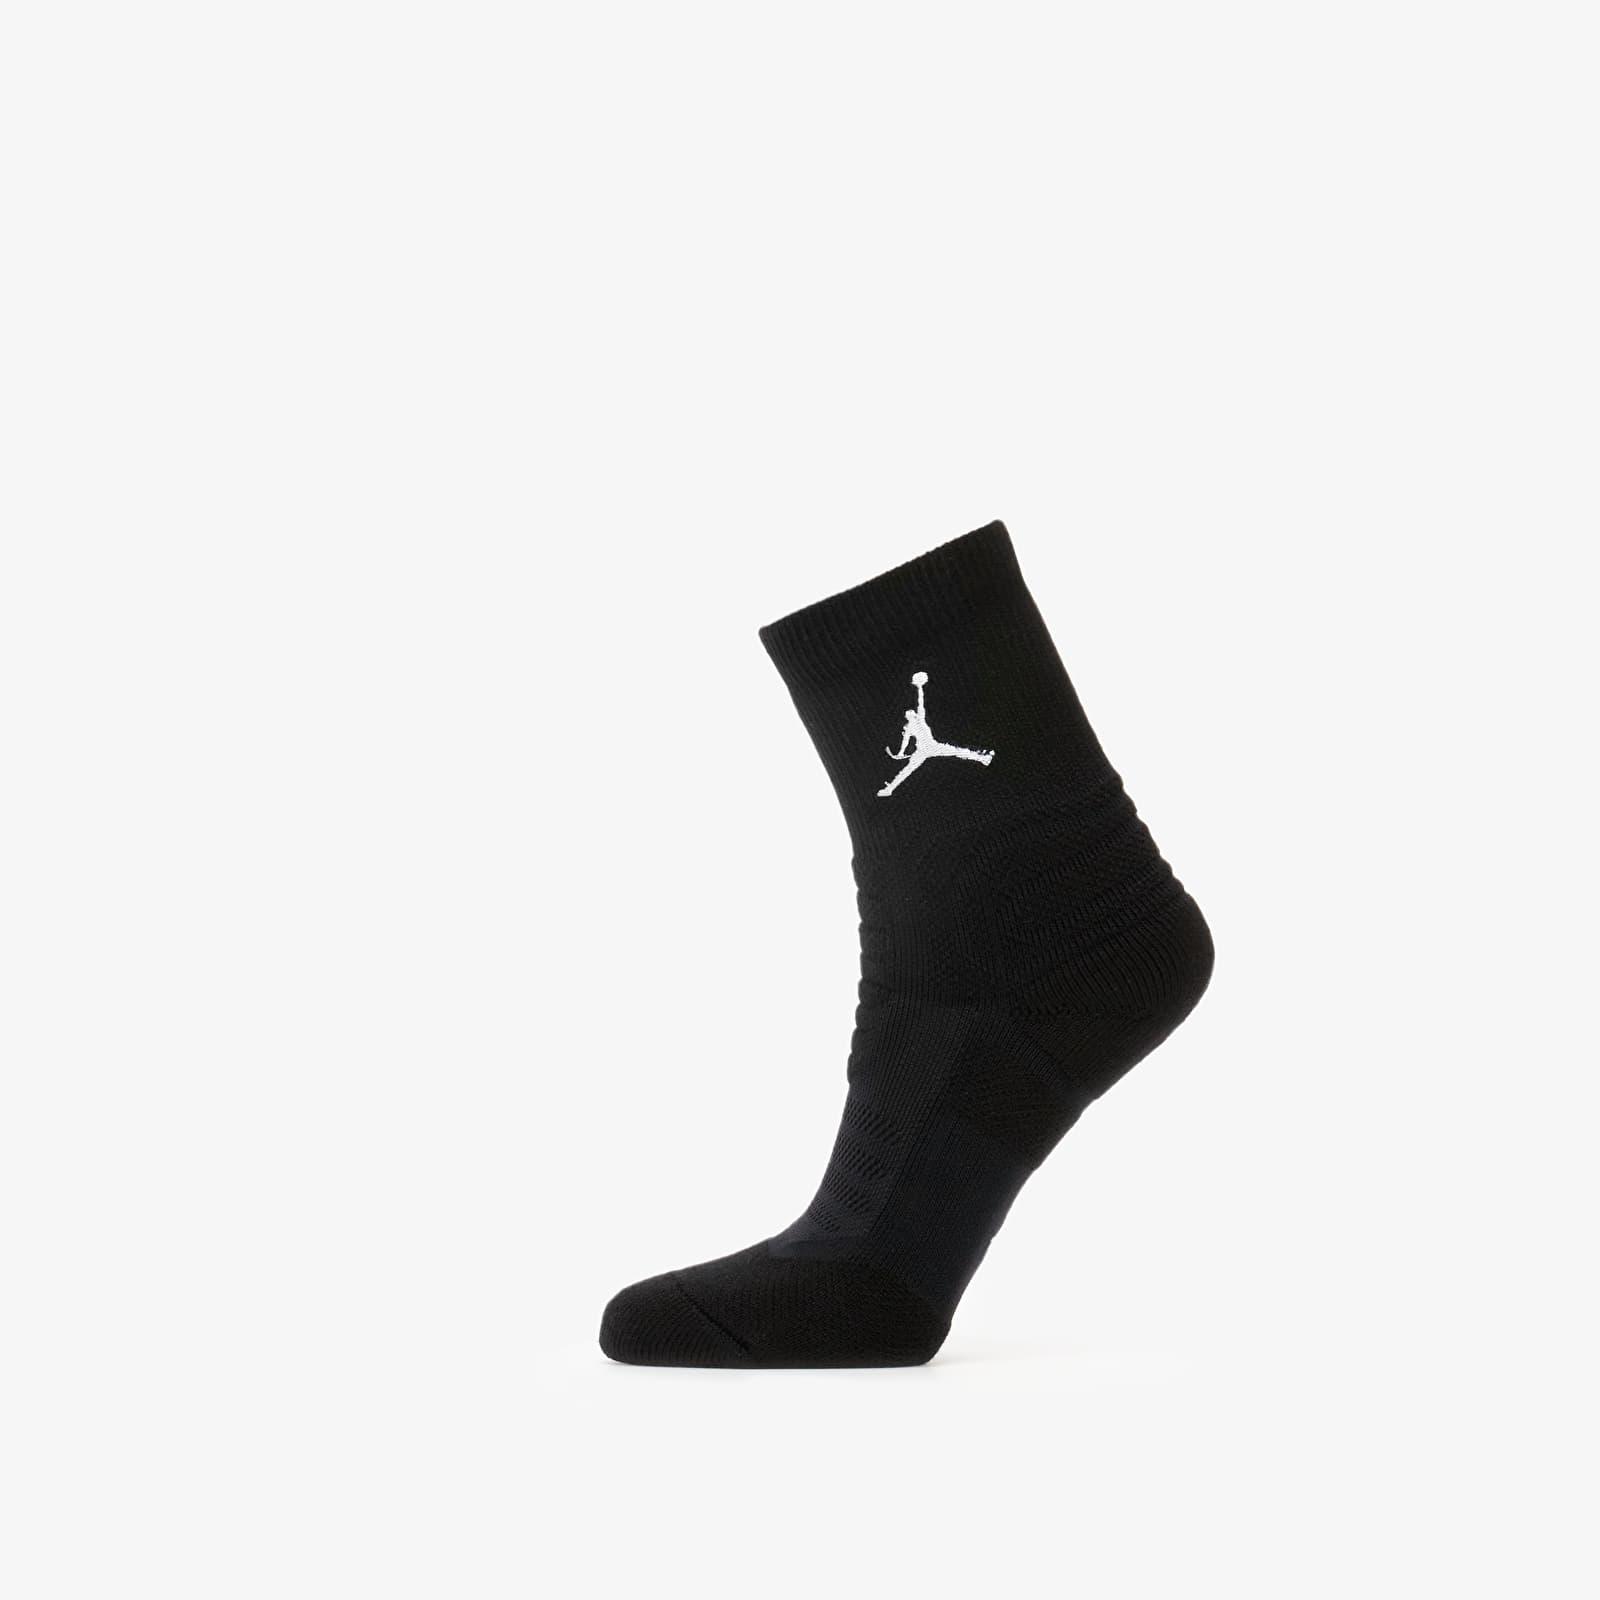 Ponožky Jordan Flight Ankle Socks Black/ White